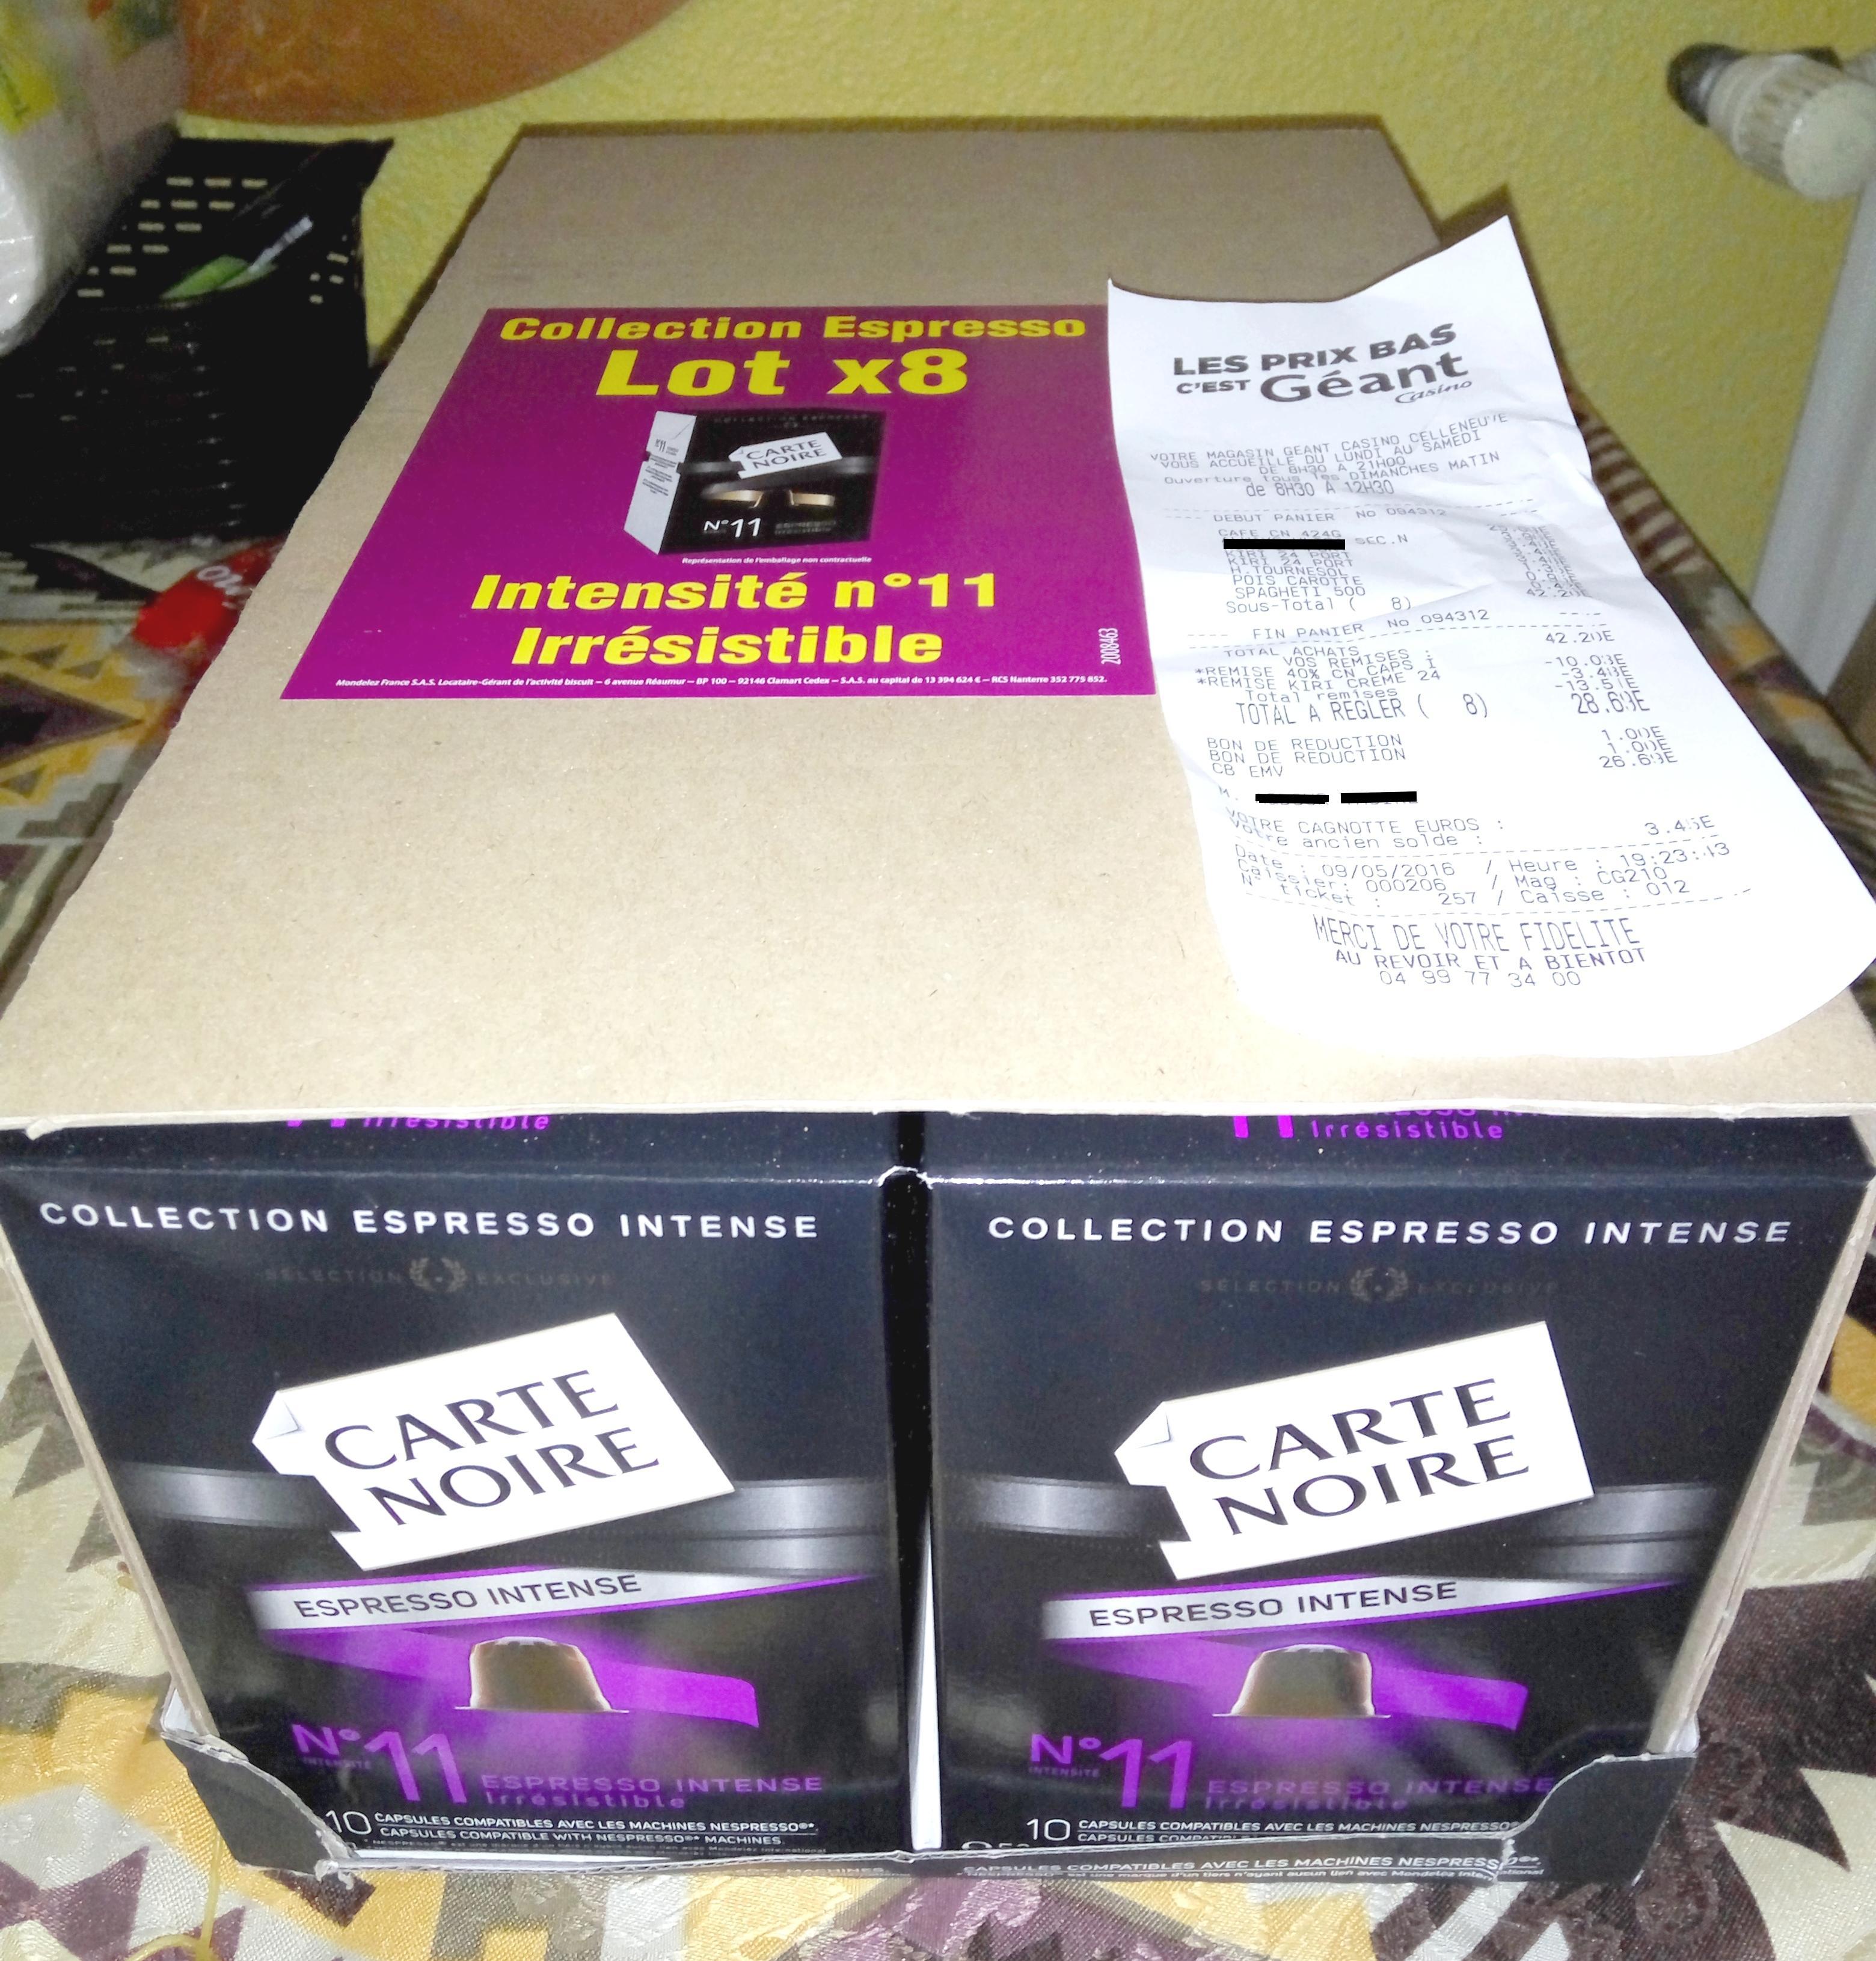 8 Boites de Capsules de café Carte Noire Nespresso (via 40% remise immédiate en caisse + BDR)